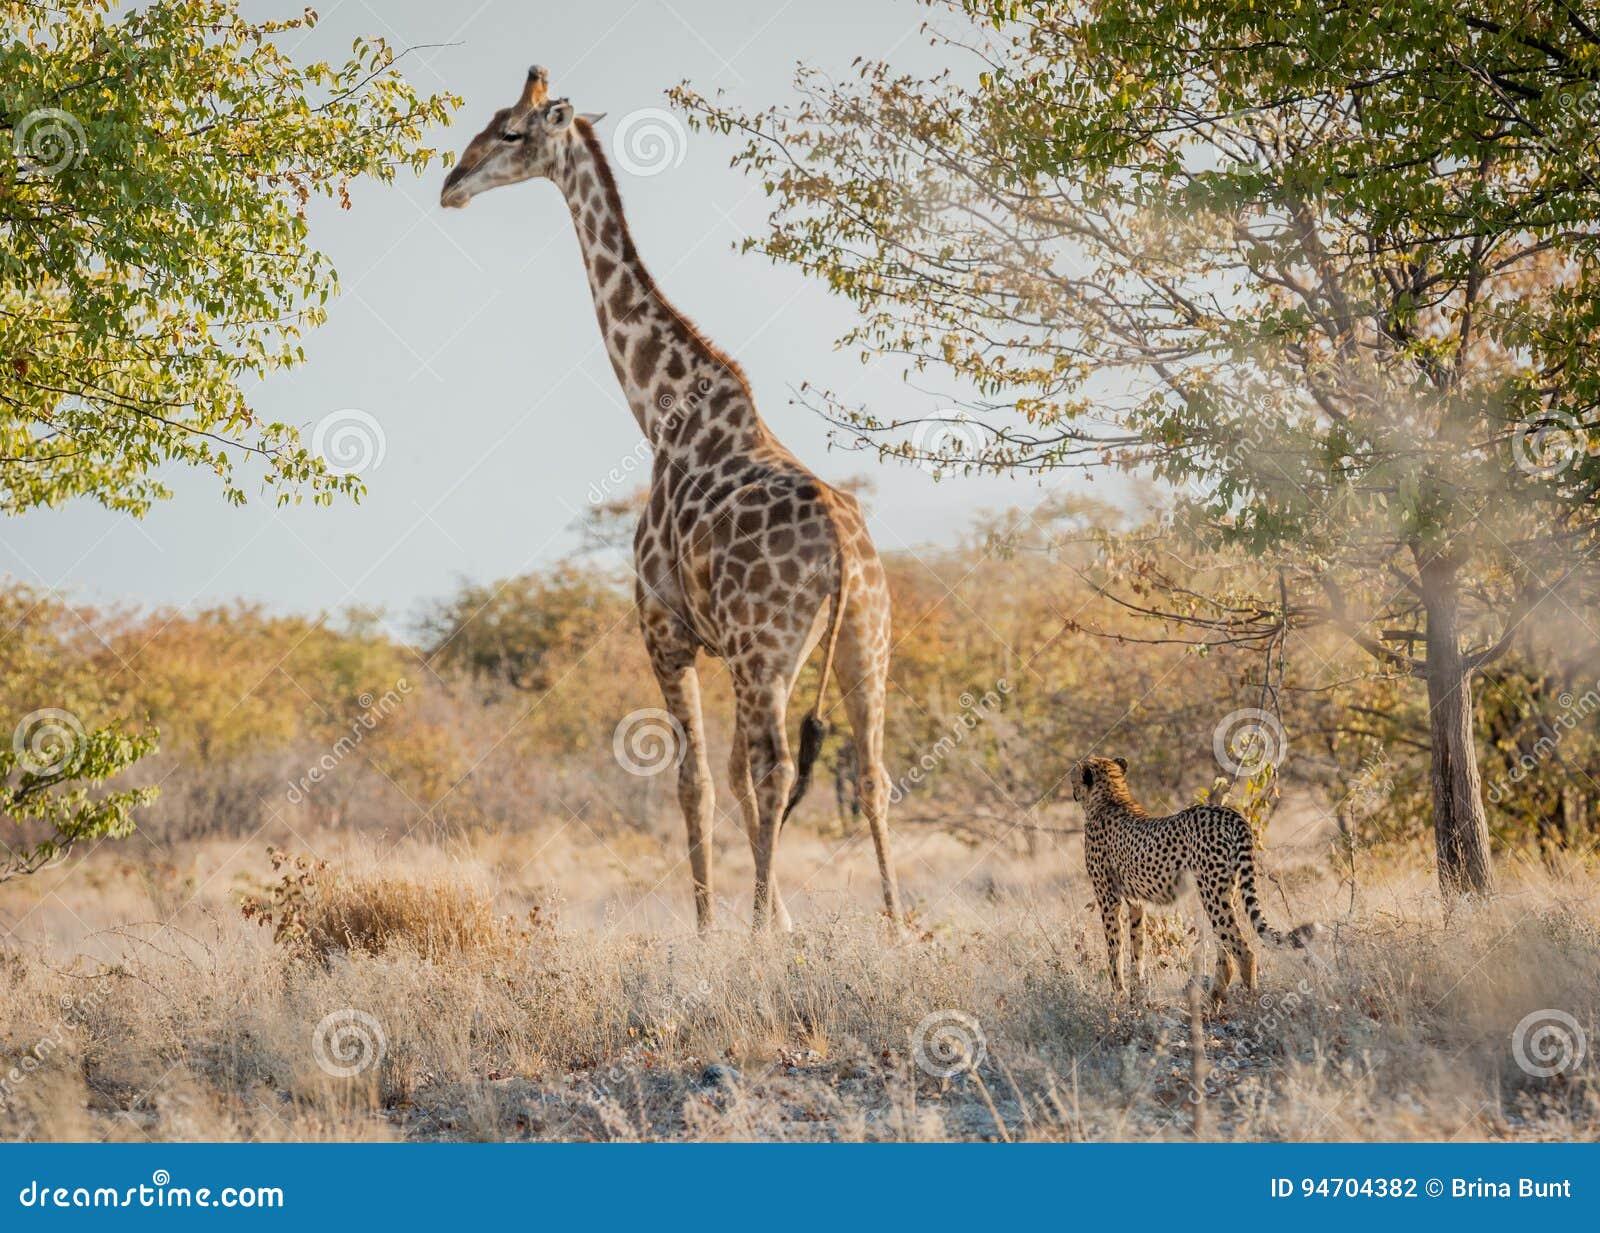 Sizing him up, Etosha National Park, Namibia